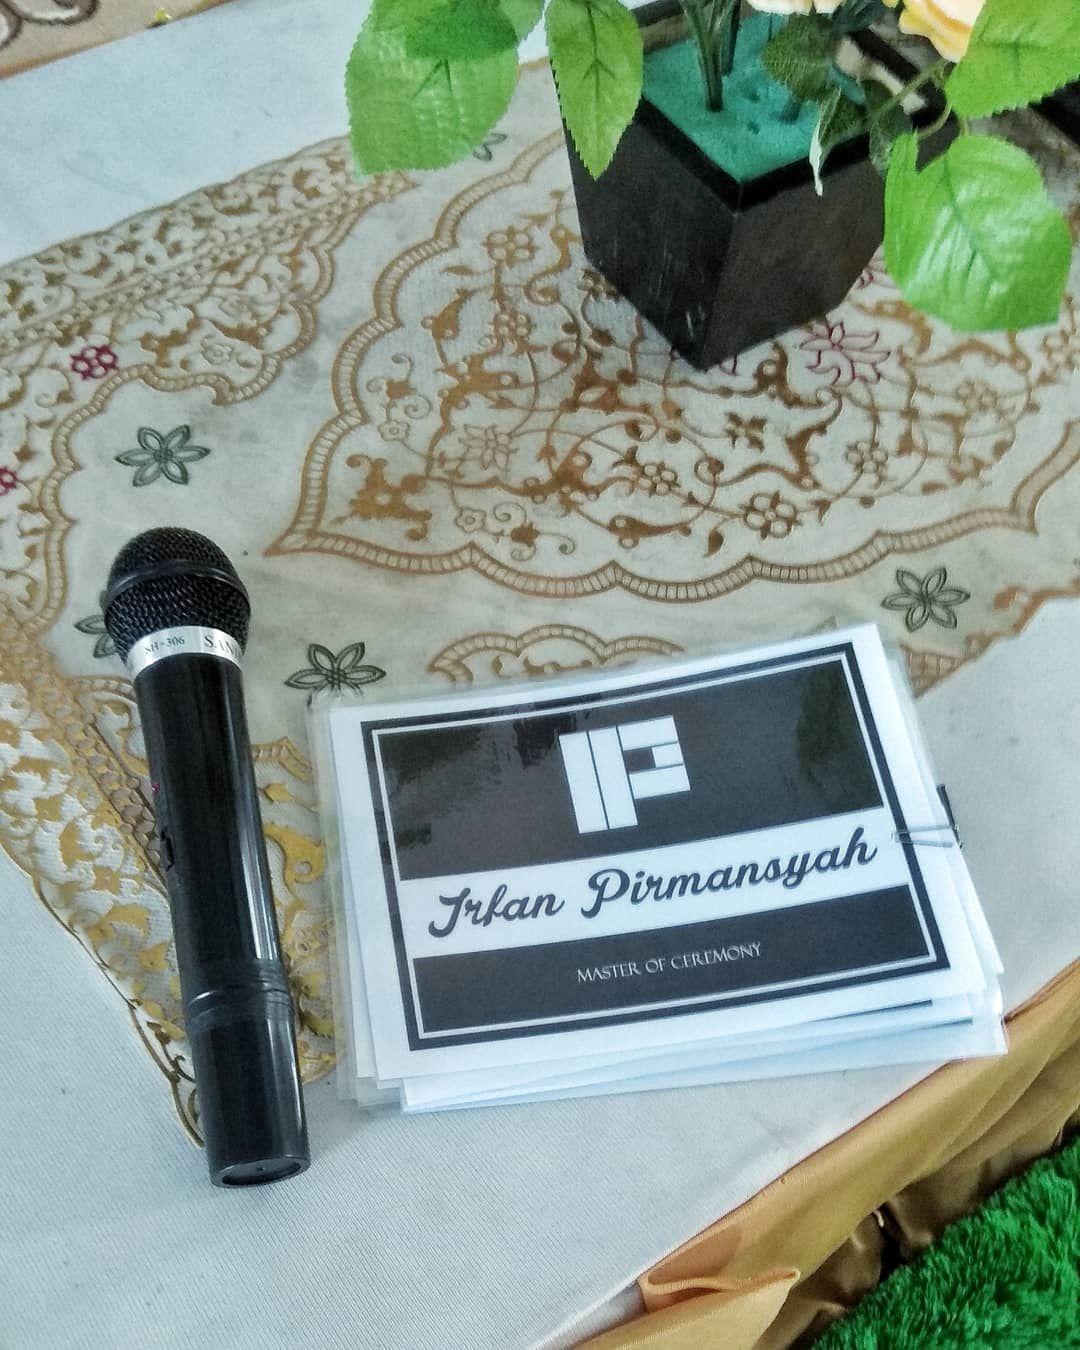 Akad nikah ga harus riweh seperti kang ahmad dan teh tari yang hanya mengundang keluarga saja bisa sah yuk akad dulu aja.. . . . Irfan Pirmansyah MC WA : click on bio . #mcwedding #mcakad #mcwalimah #weddingsyari #wedding #syari #jasamc #infomc #mcbandung #mcjakarta #weddingorganizer #weddingorganizersyari #weddingorganizerbandung  #infobandung #sunnah #salaf #akadnikah #walimatulursy #mc